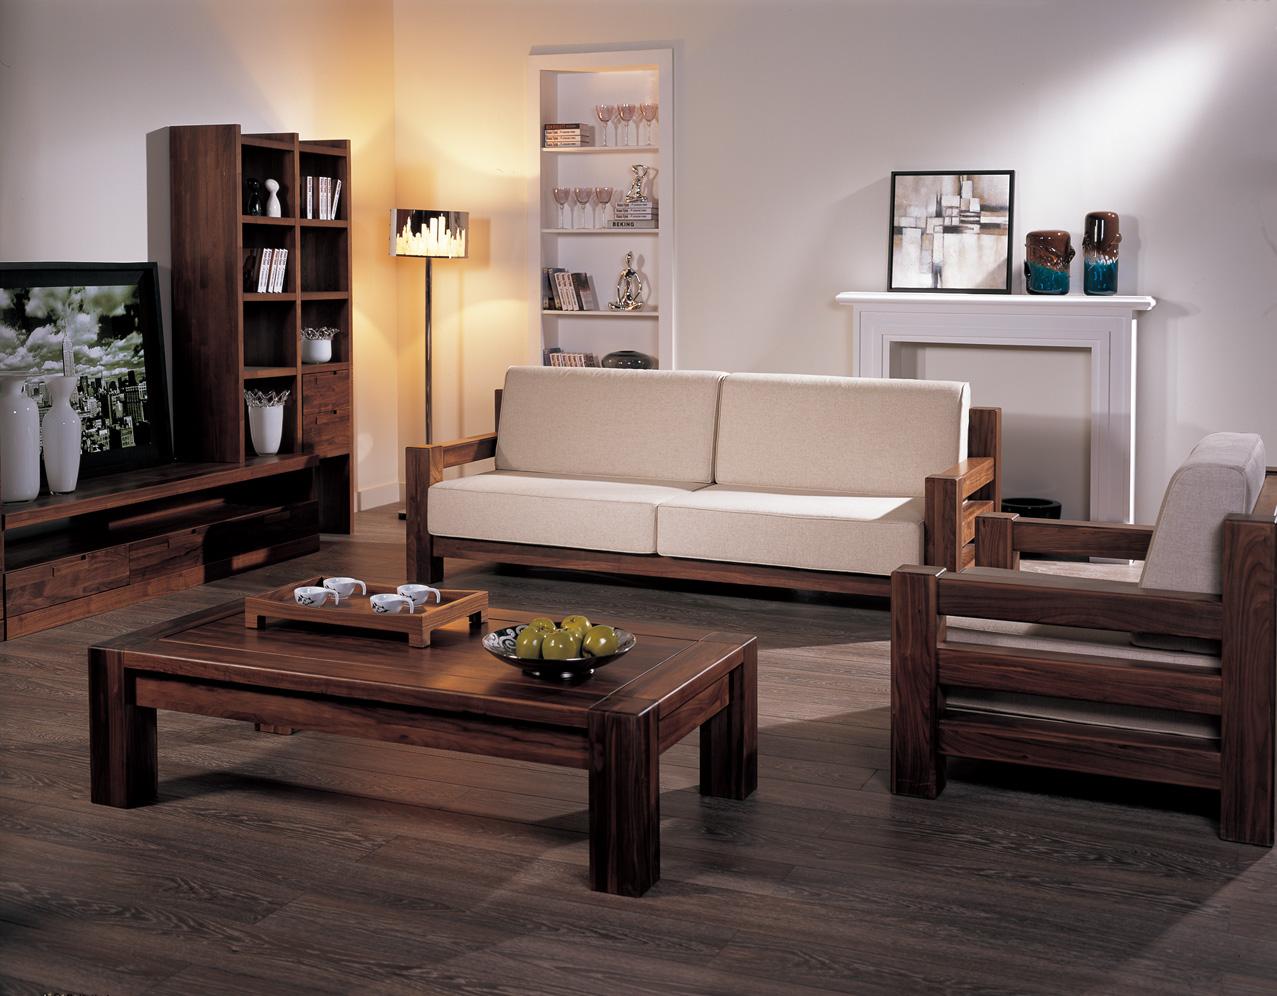 买别致的纯实木沙发,首要选择功吉天昊 专业的优质的图片